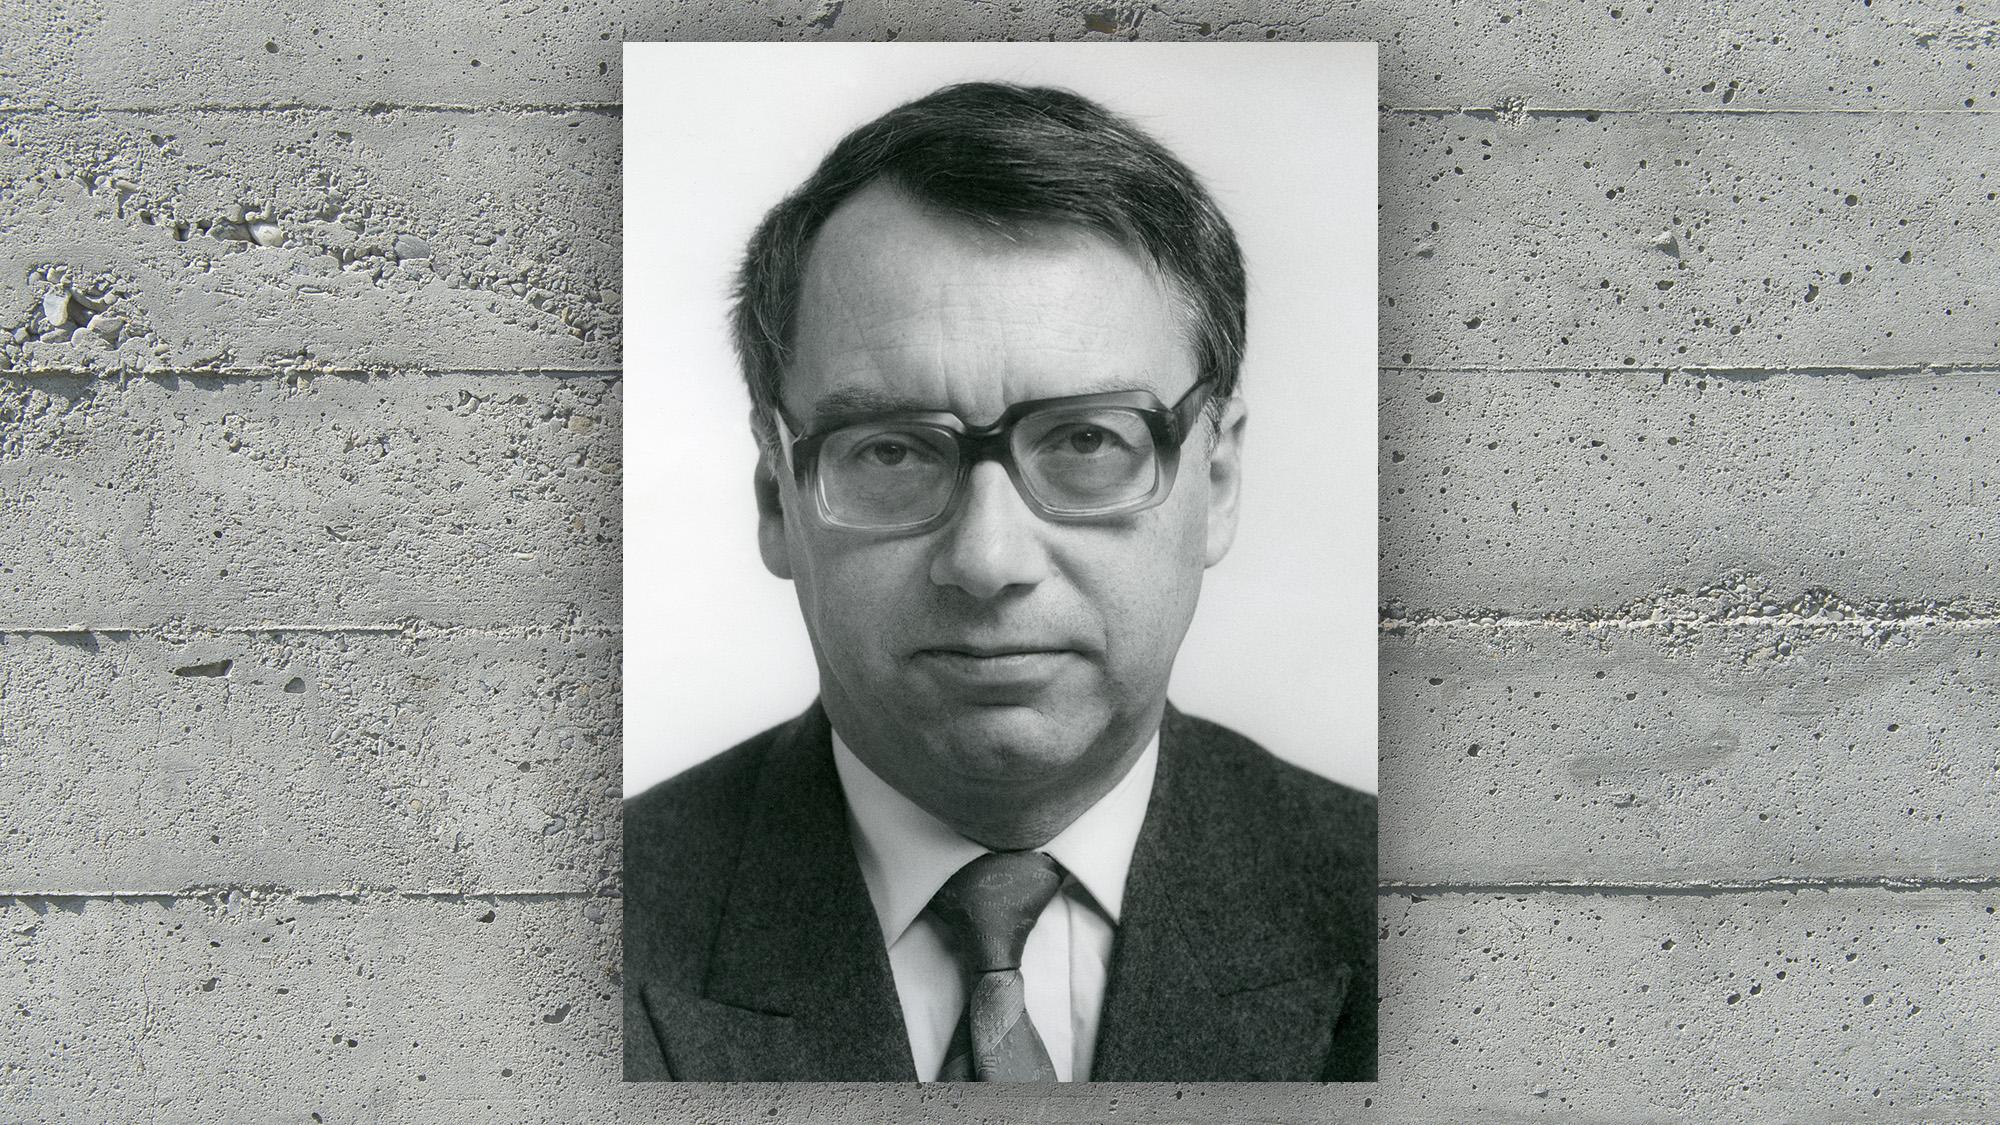 Alois Riklin